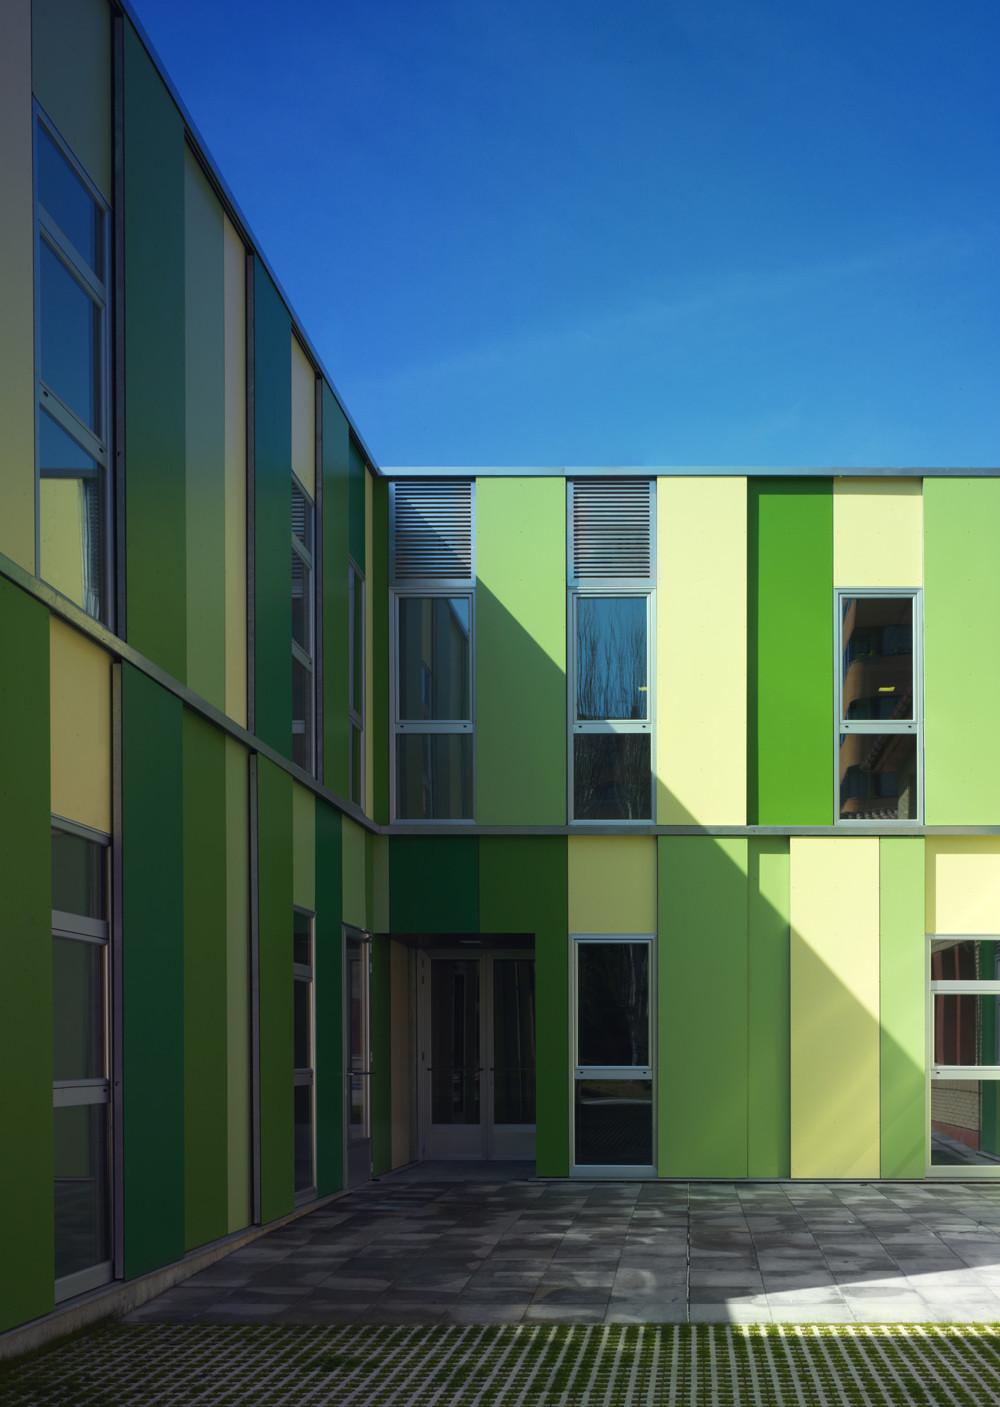 Galer a de ampliaci n del colegio de educaci n especial - Colegio arquitectos leon ...